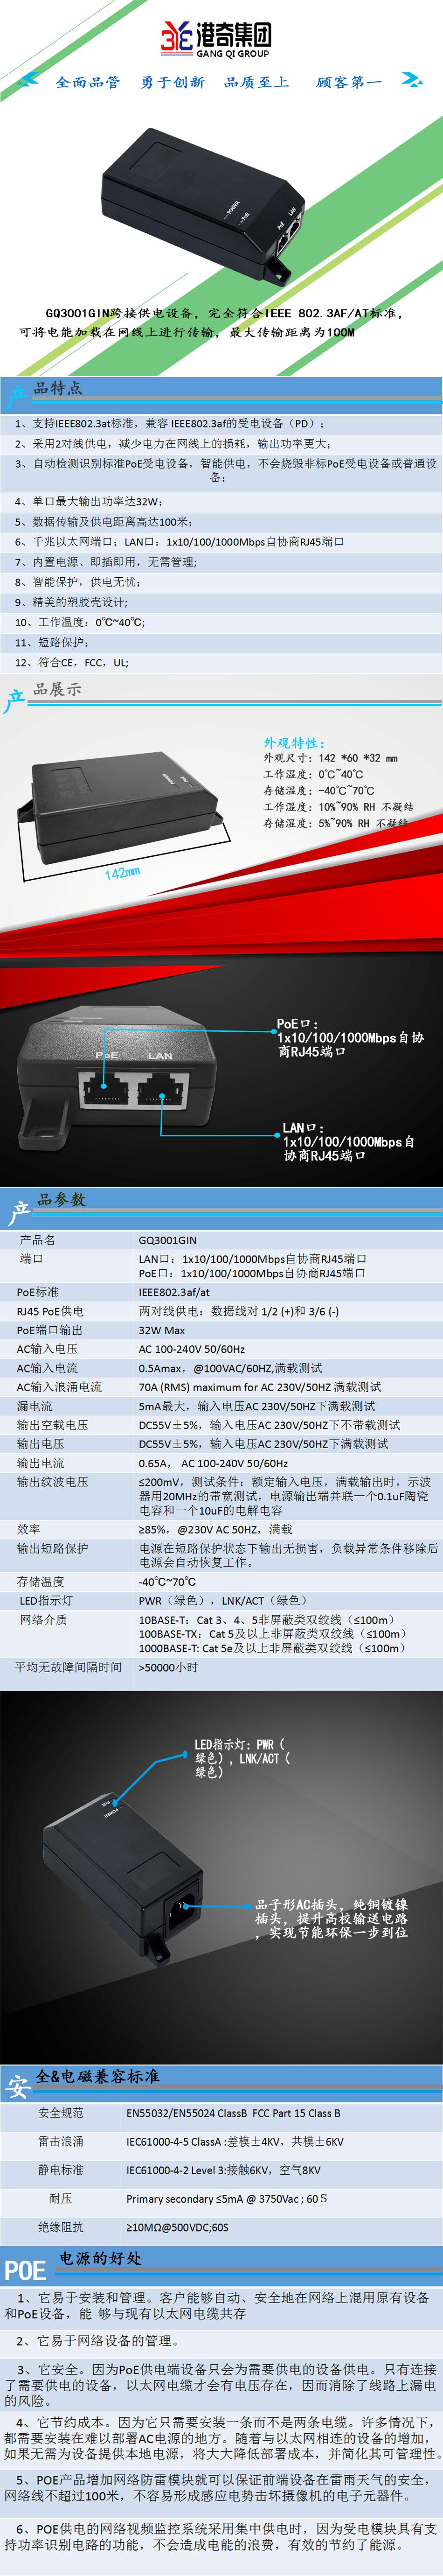 GQ3001GIN30W千兆中跨-中文